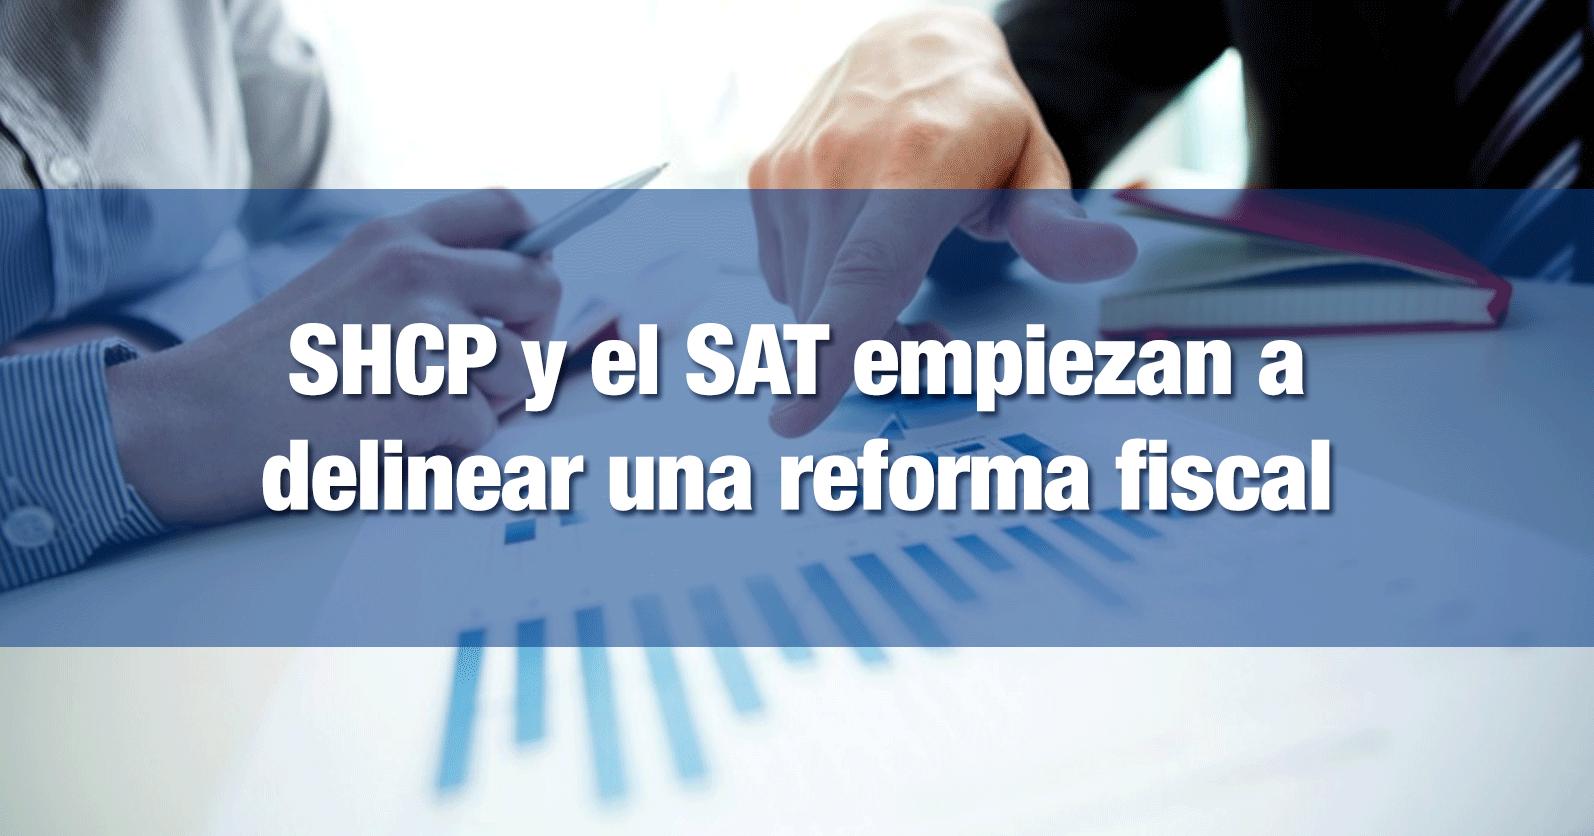 SHCP y el SAT empiezan a delinear una reforma fiscal